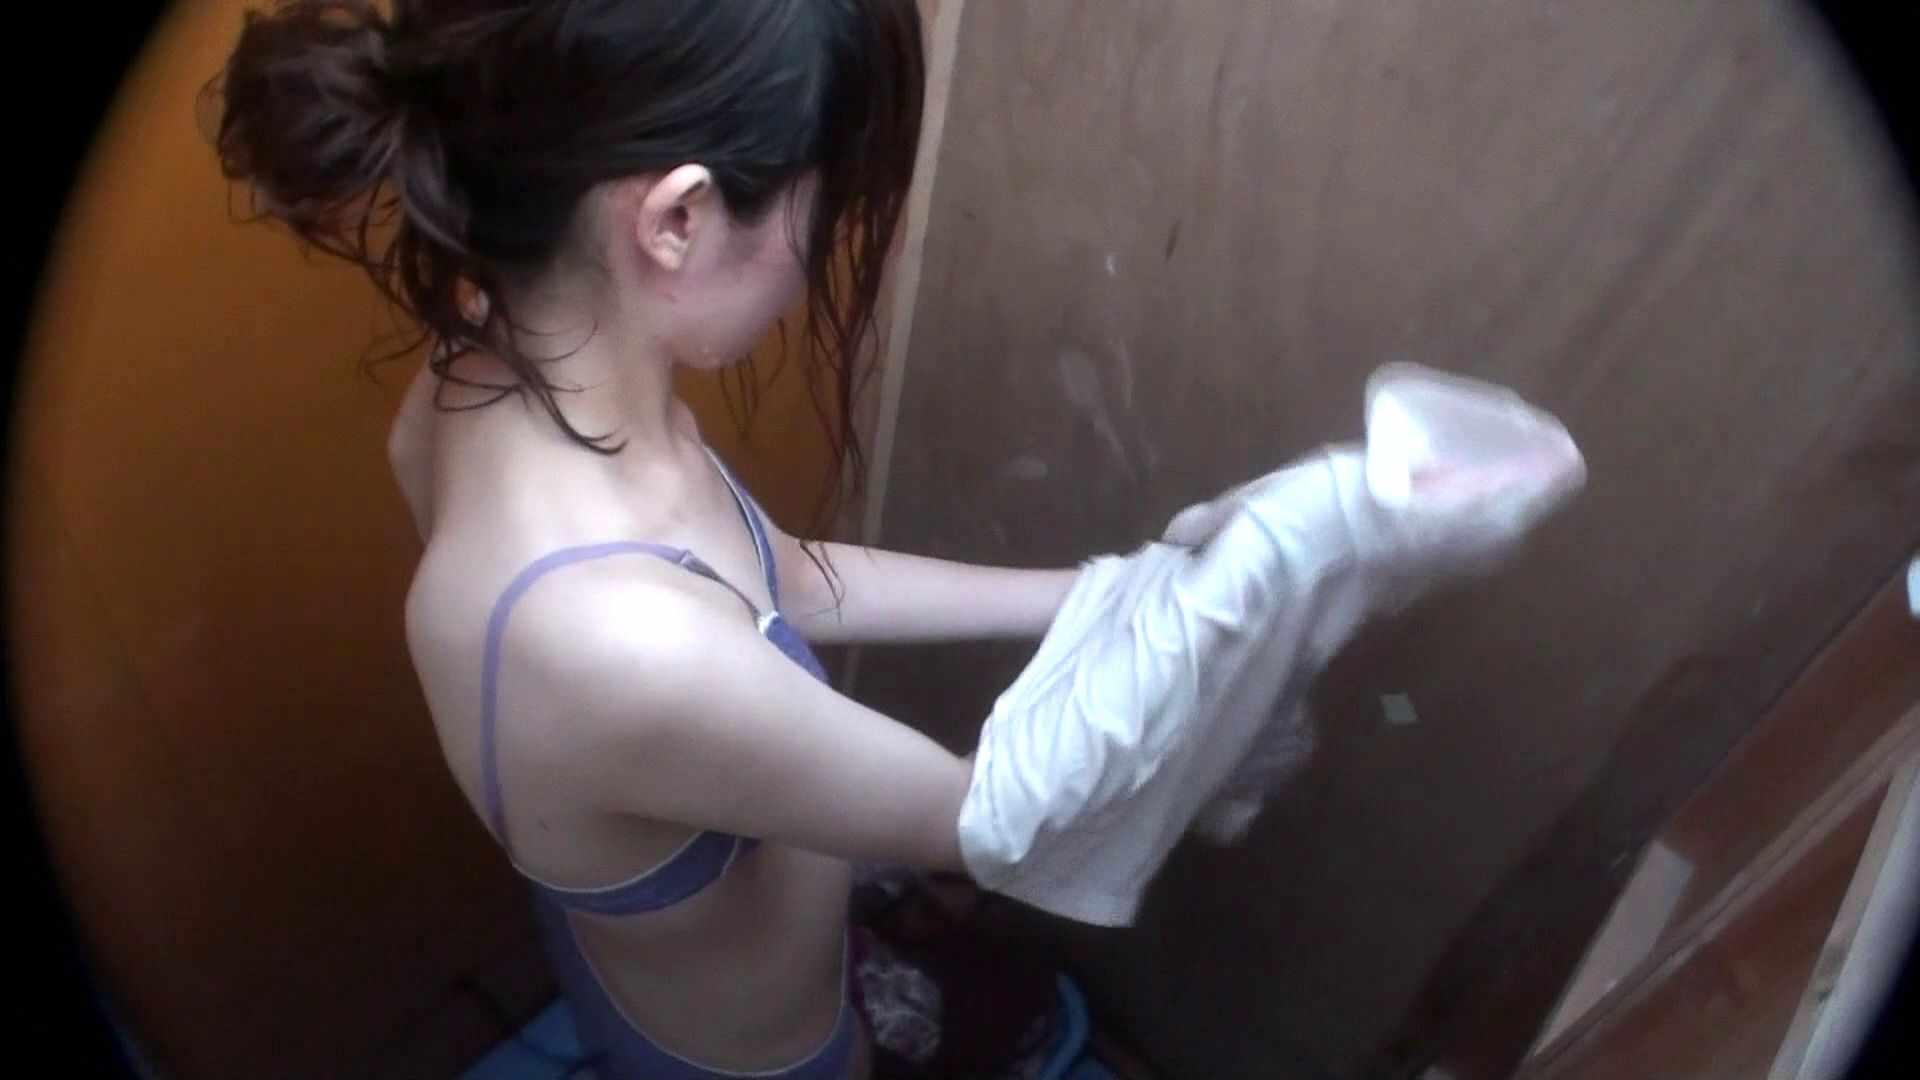 シャワールームは超!!危険な香りVol.29 こっちを向いて欲しい貧乳姉さん 高画質 のぞき動画画像 69画像 66